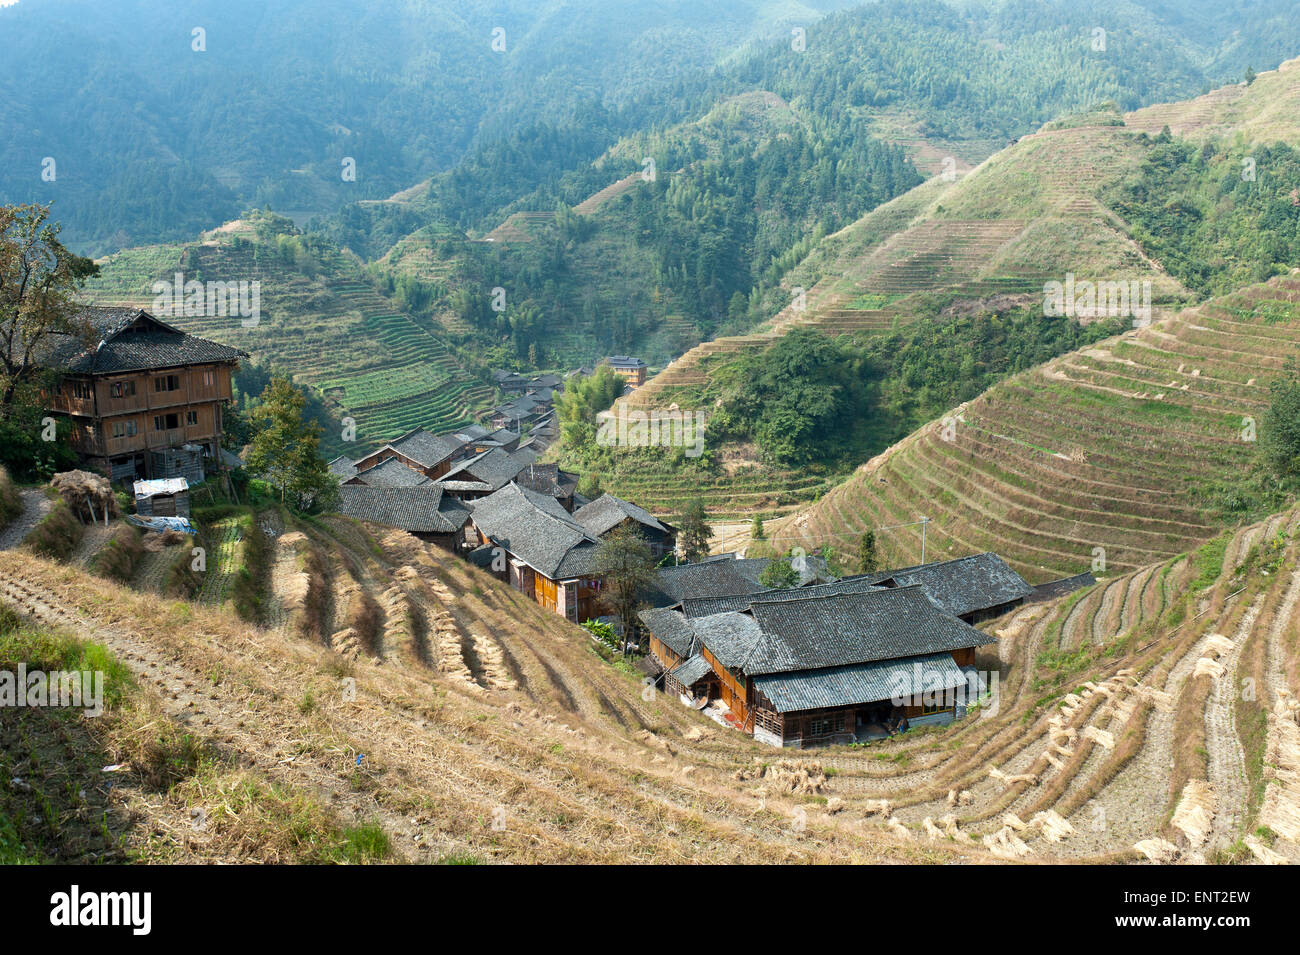 Longsheng rizières en terrasses, village Zhongliu, Ping'an, près de Guilin, dans la région autonome Photo Stock